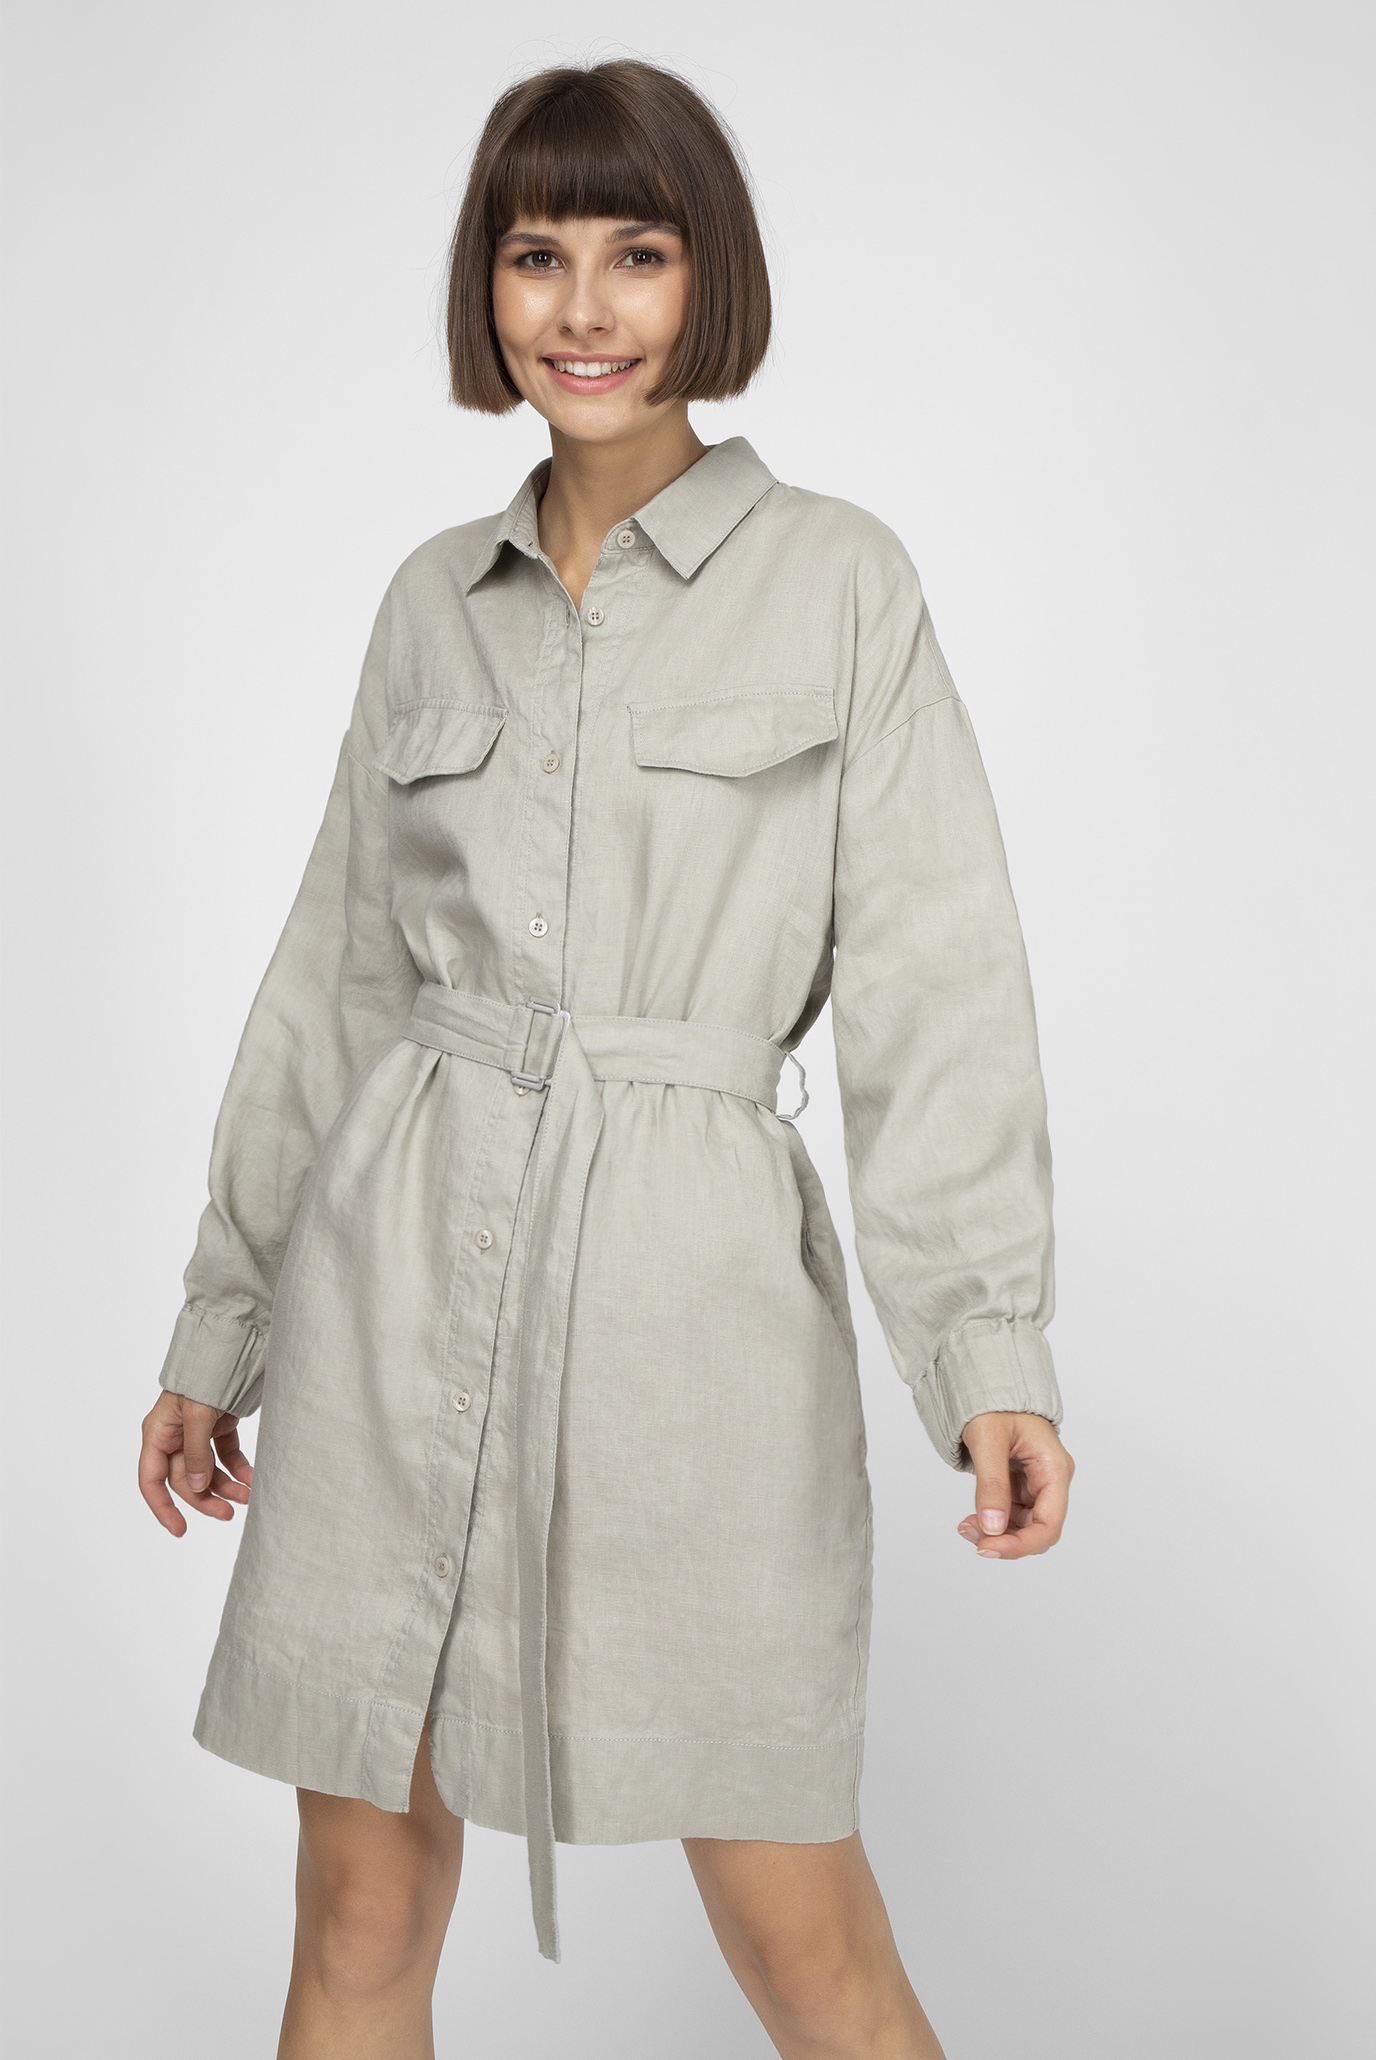 Жіноча сіра лляна сукня WWDRE 008 1